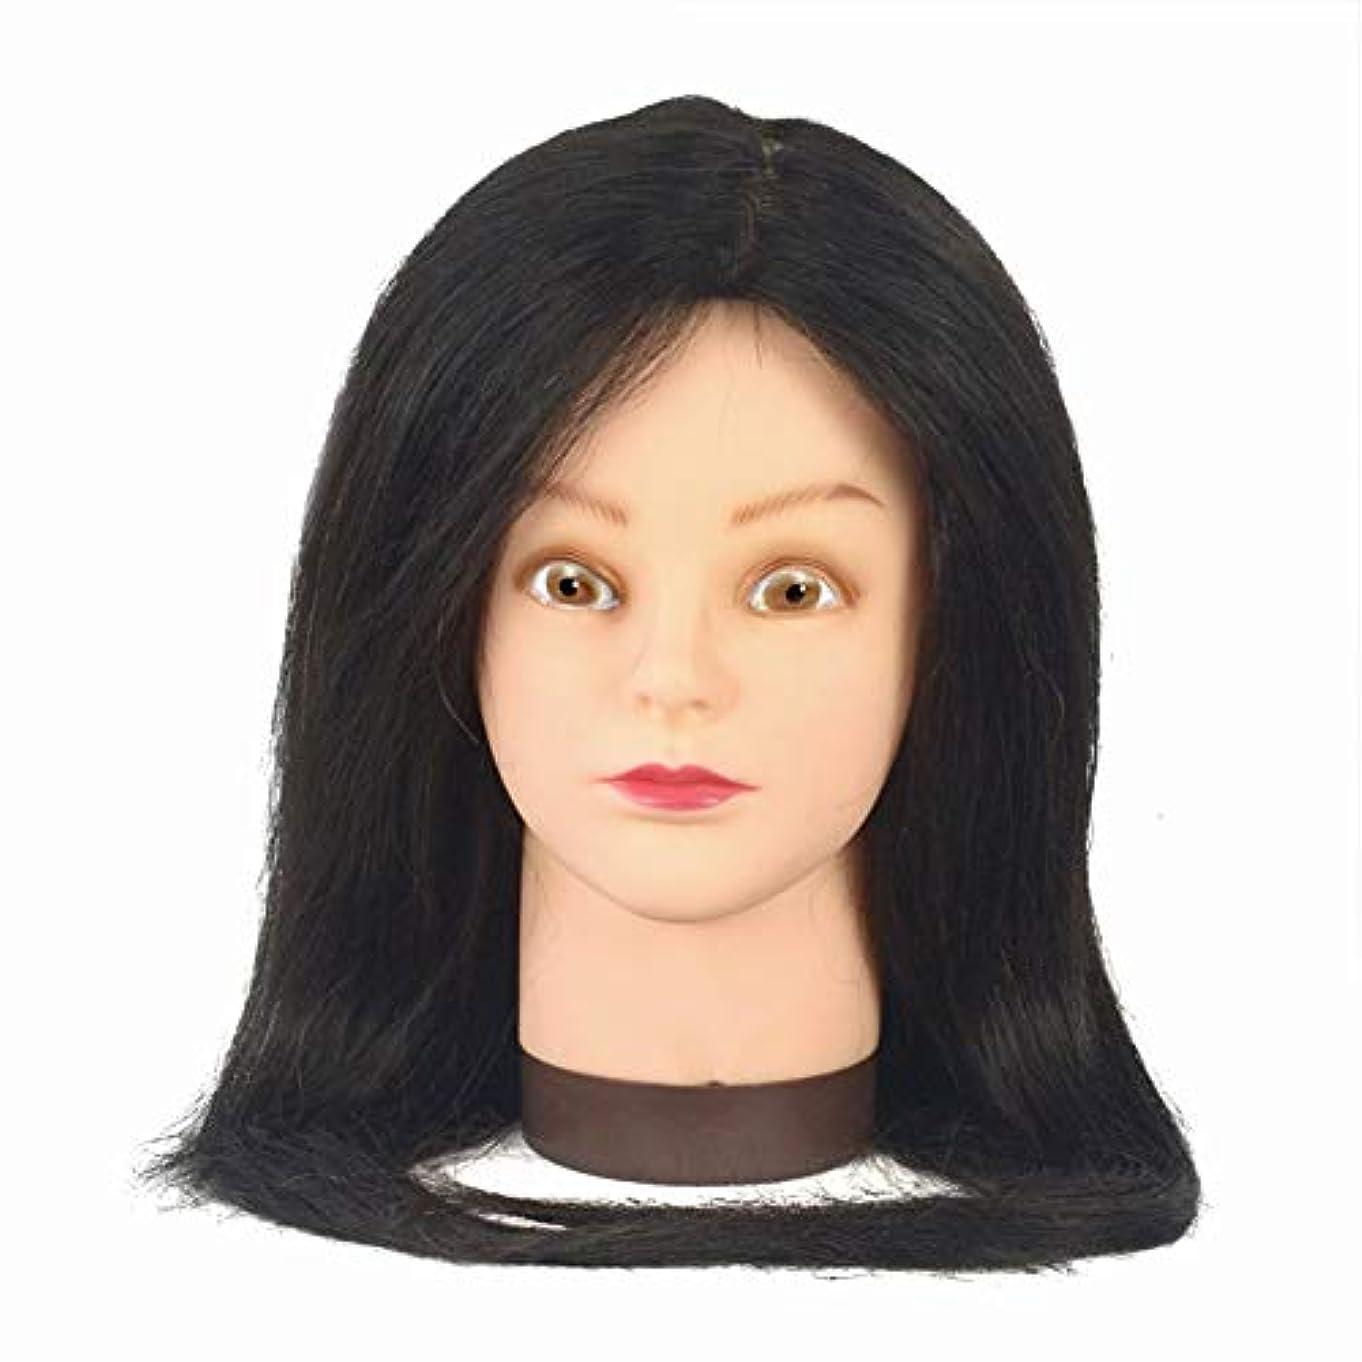 80%リアル人間の髪モデルヘッドサロン学習吹くことができますパーマ髪染めダミーヘッド編集ヘア練習ヘッドモデル,Black